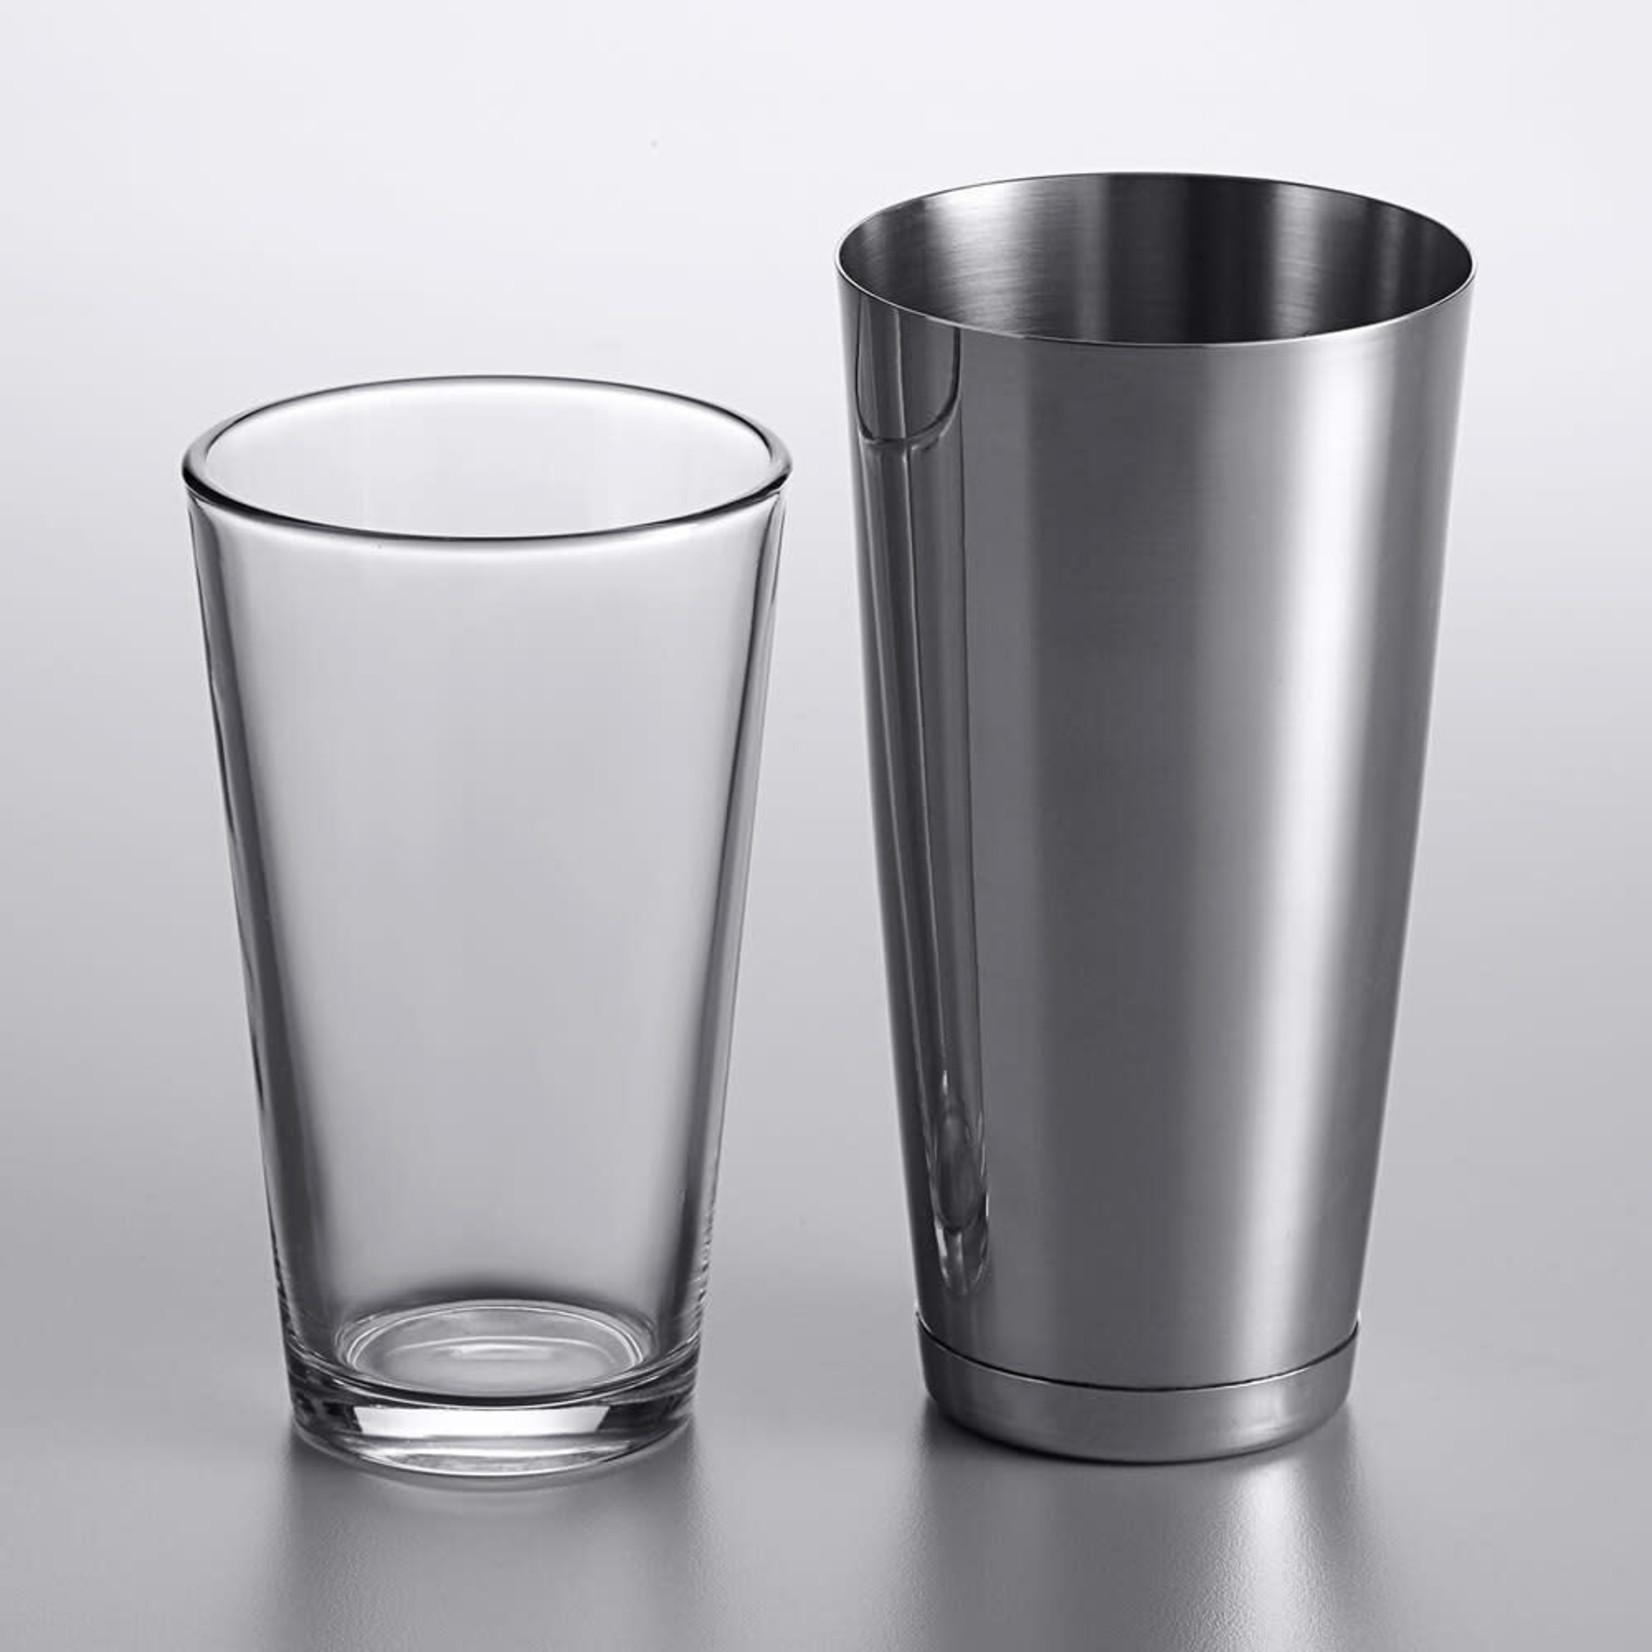 SHAKER Boston Shaker & Pint Glass